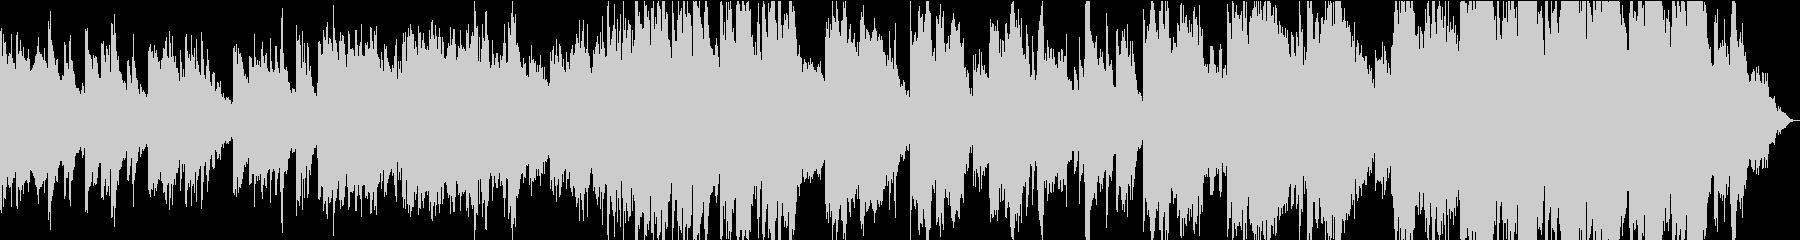 緑豊かな音と大気の溝は、この上品な...の未再生の波形